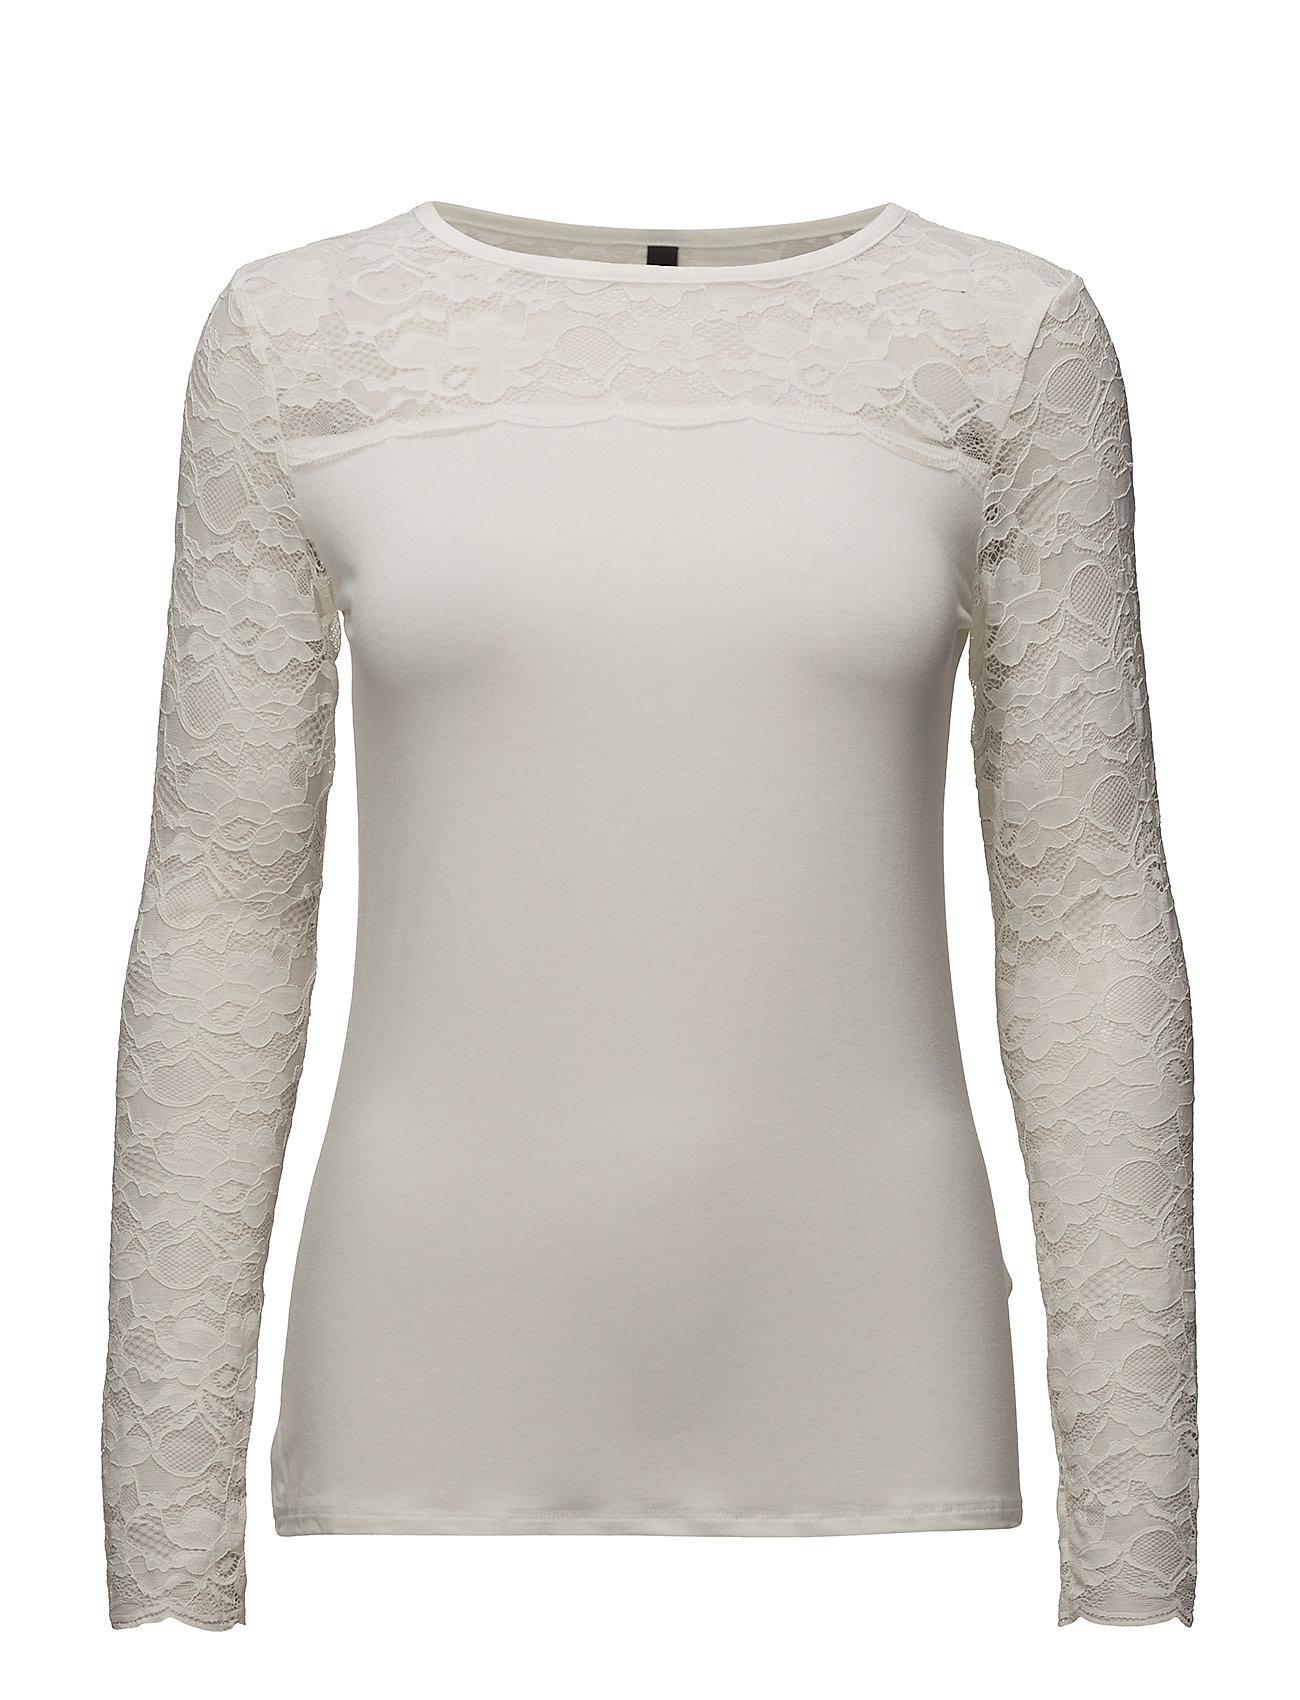 Pulz Jeans Trisse L/S T-shirt - SOFT CREAM